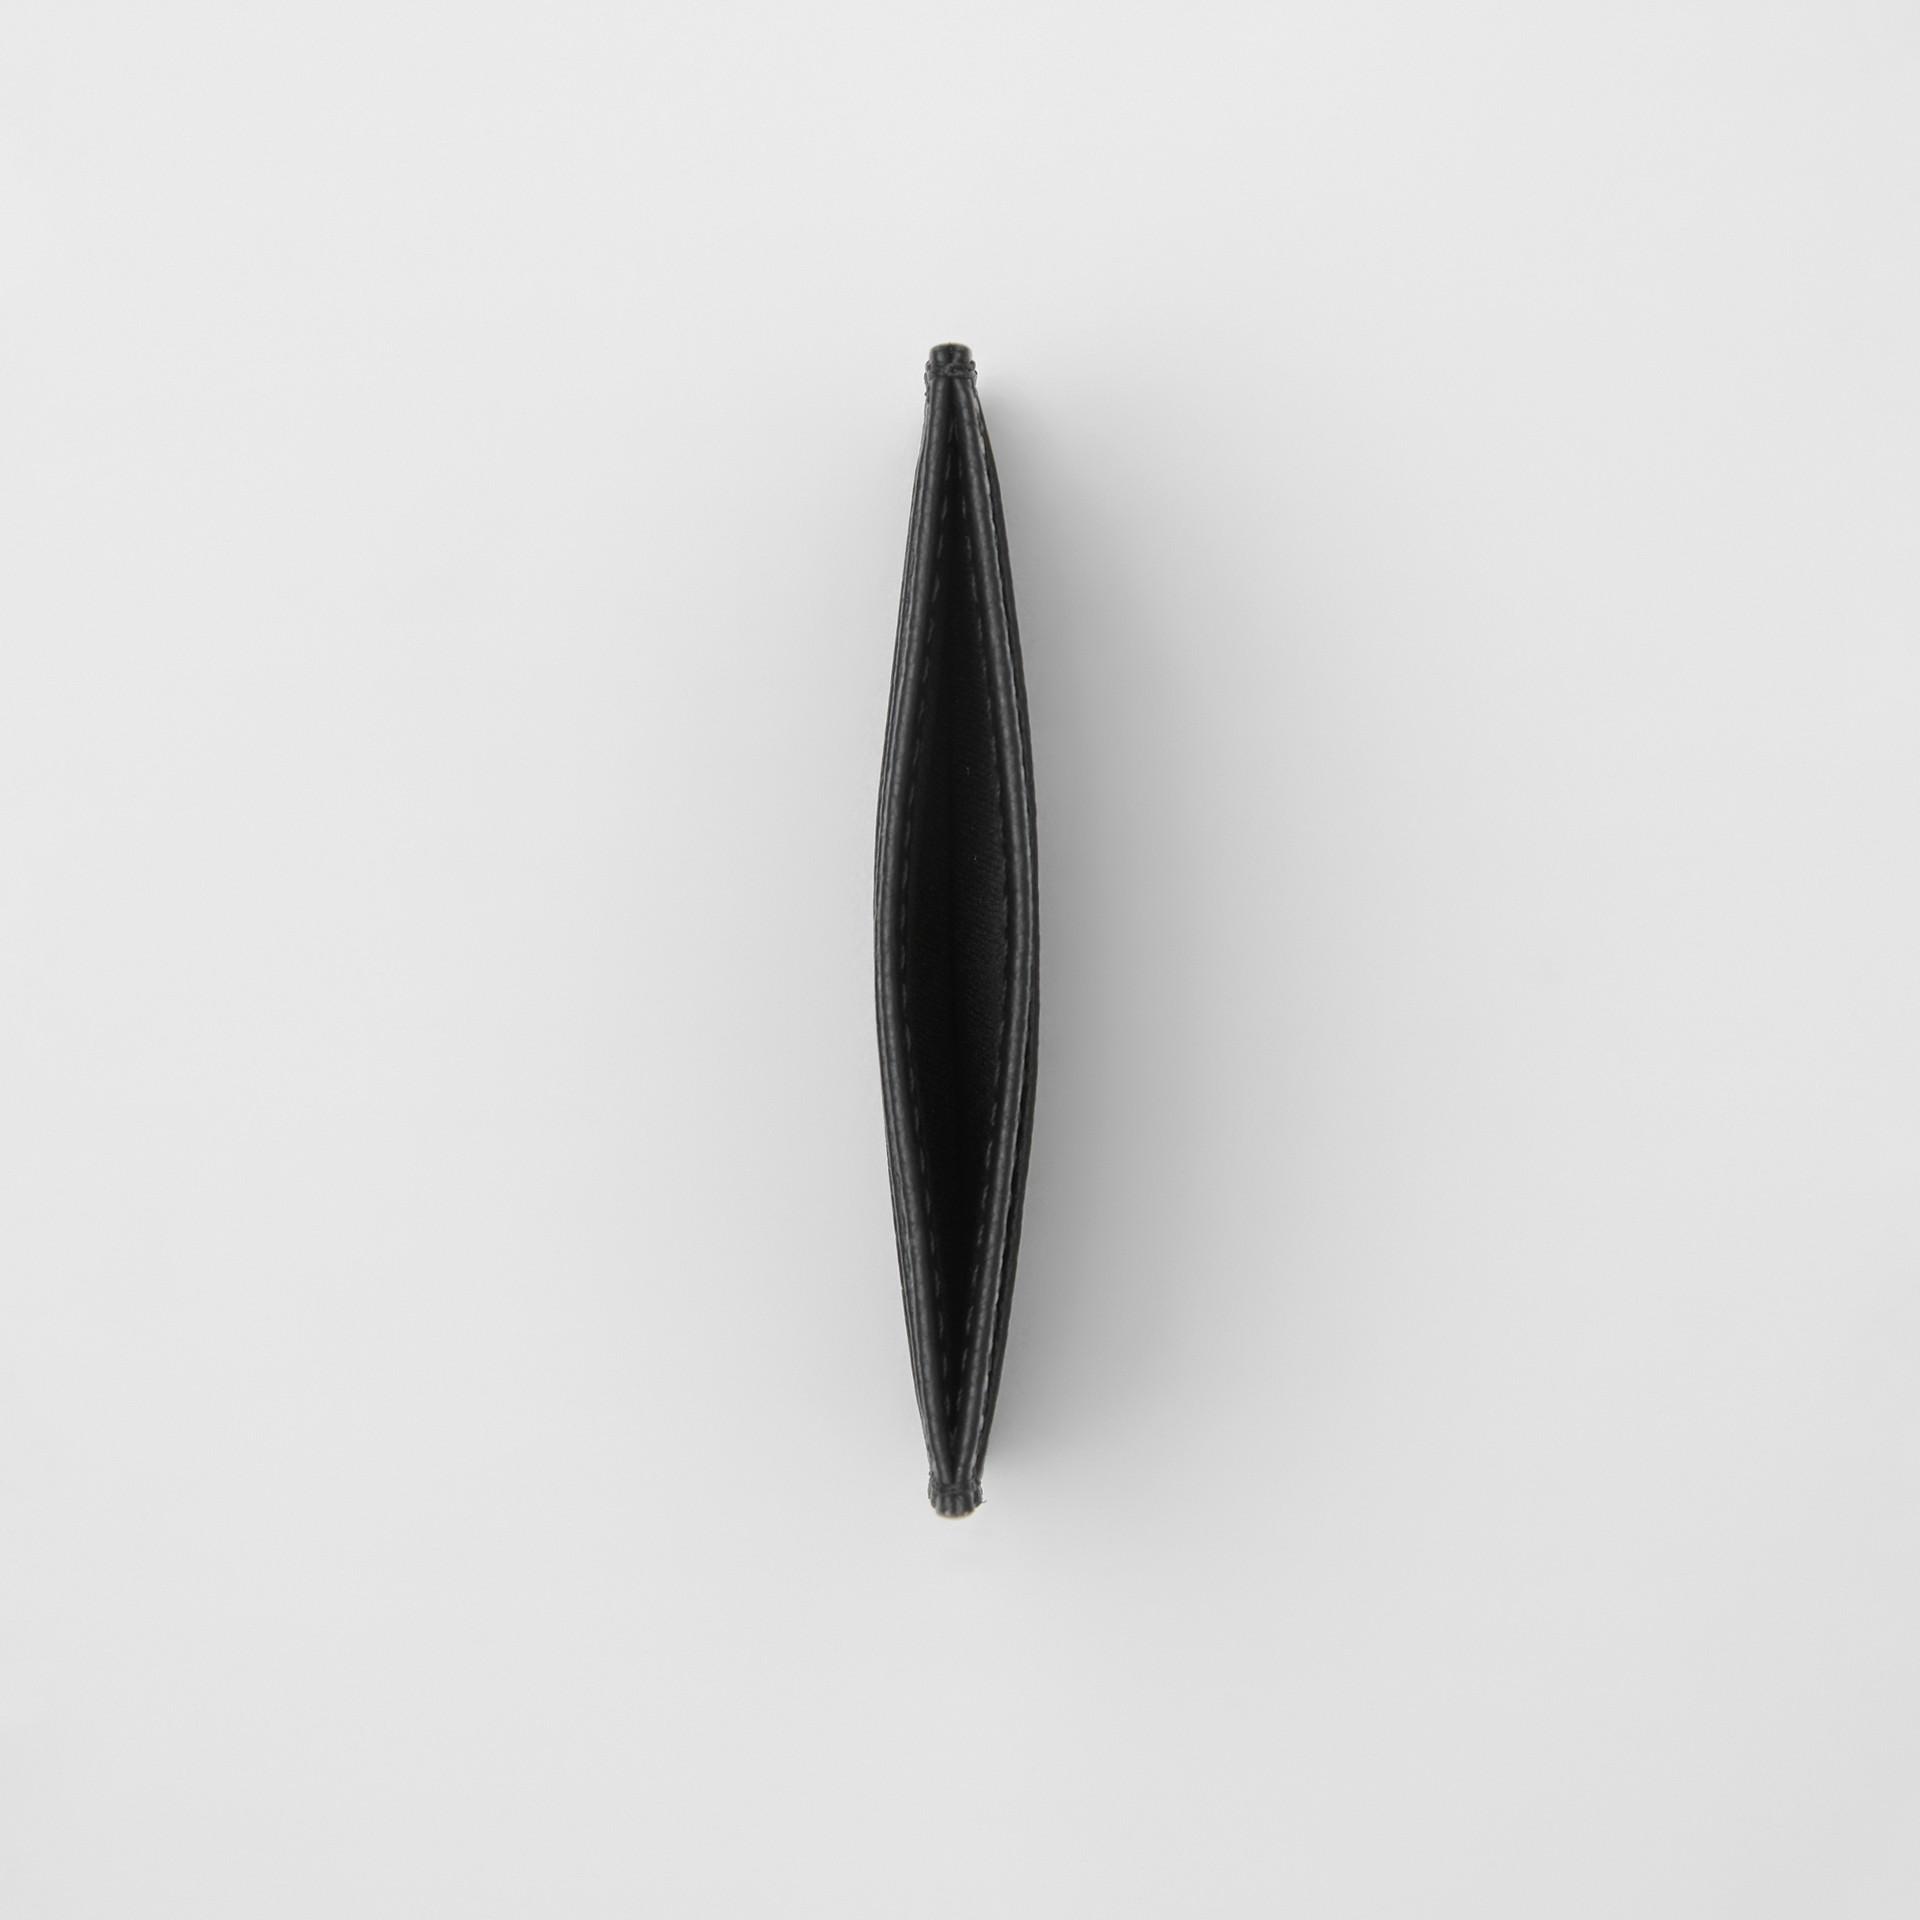 グレイニーレザー カードケース (ブラック) | バーバリー - ギャラリーイメージ 2